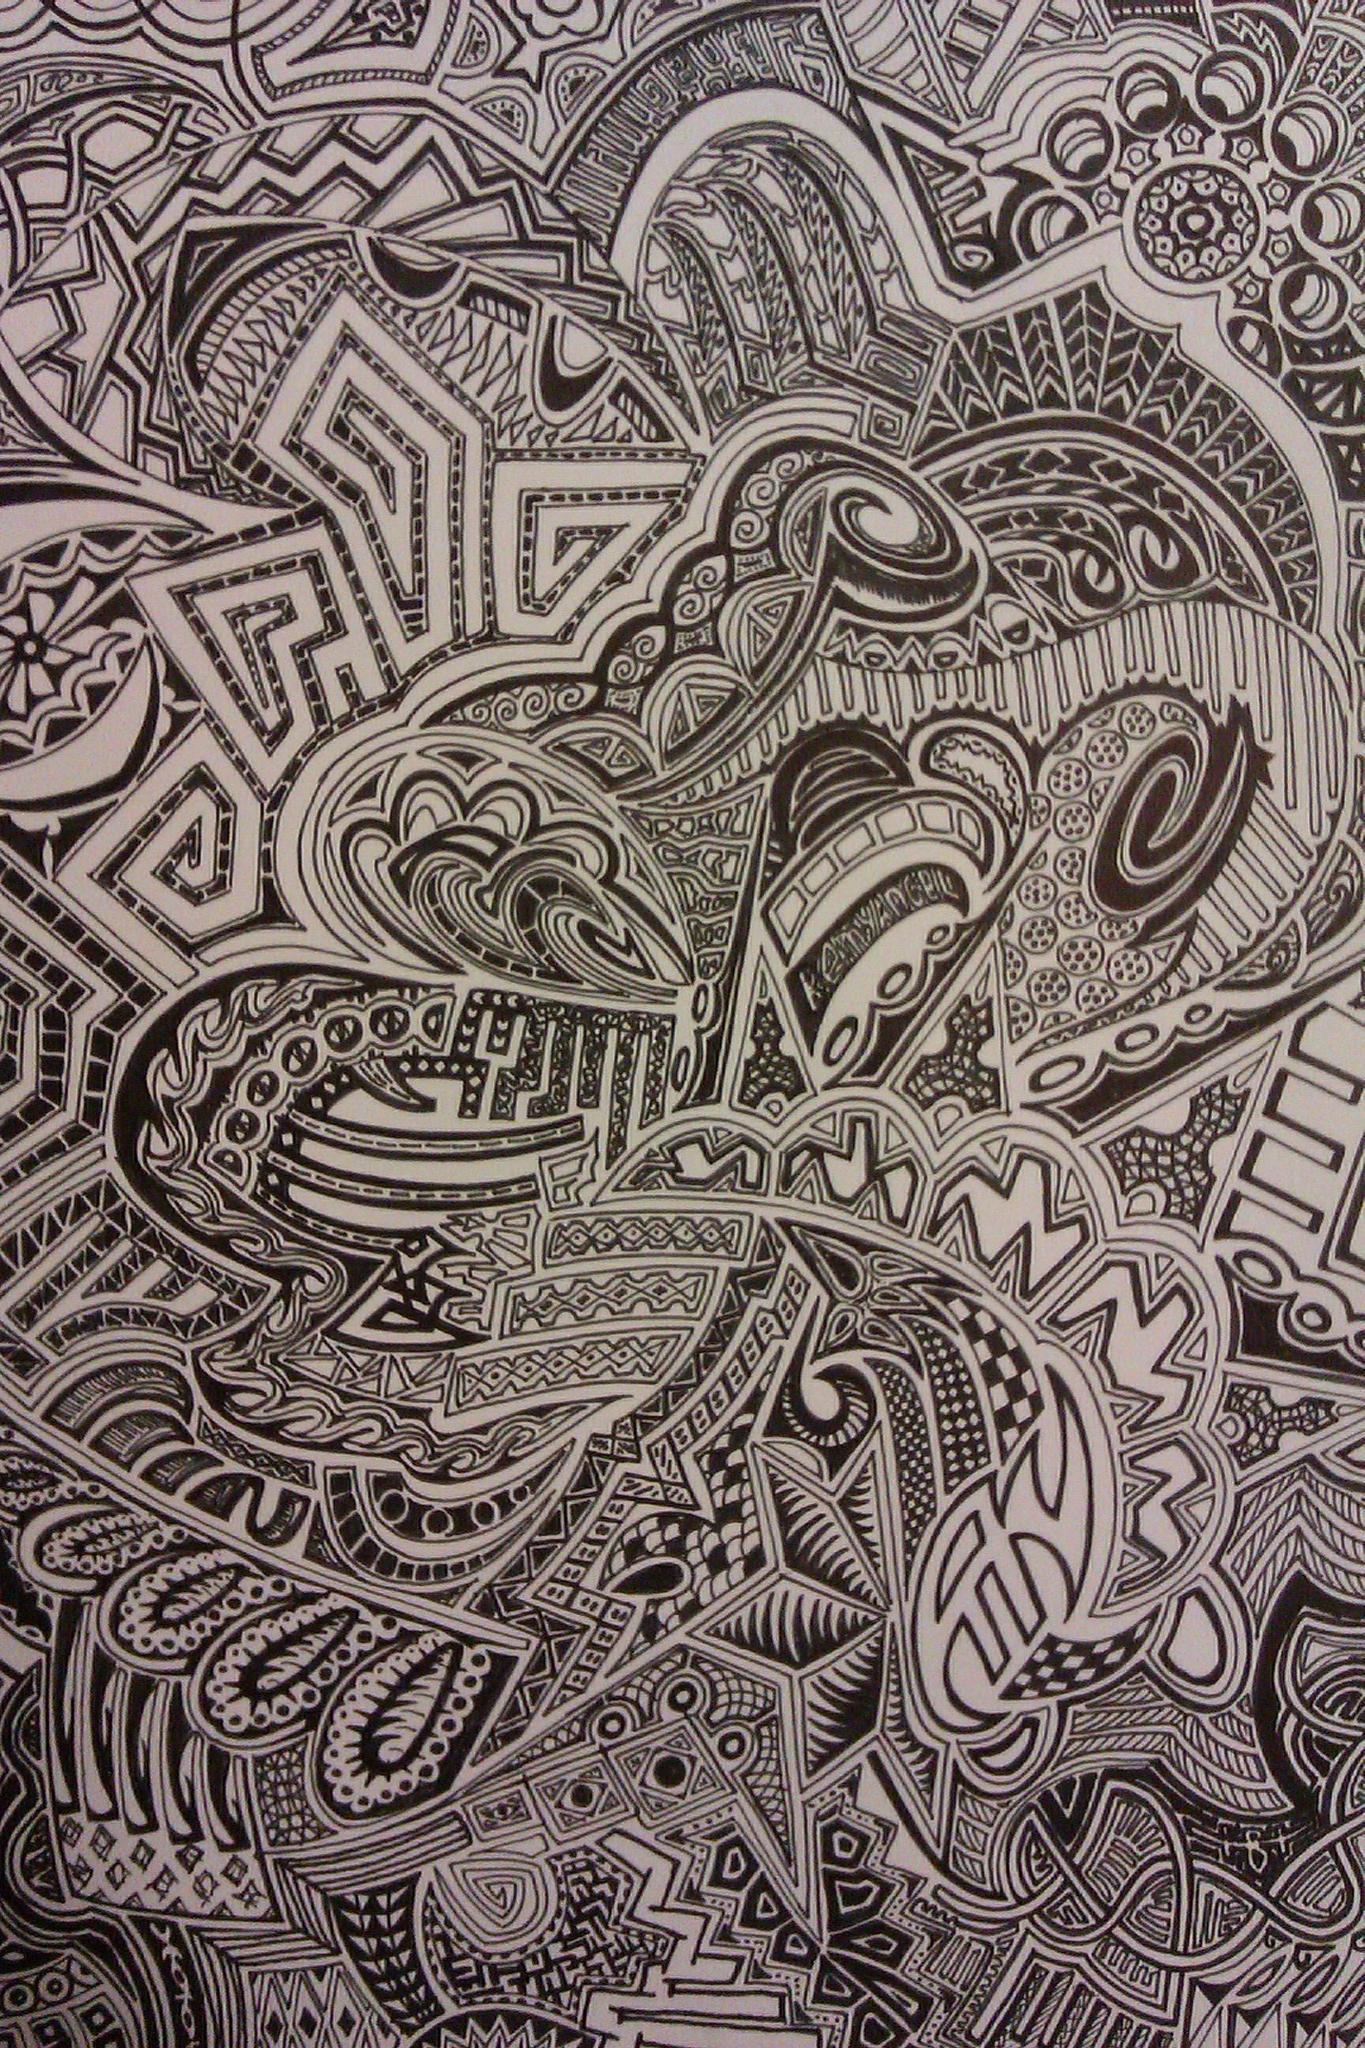 doodle30